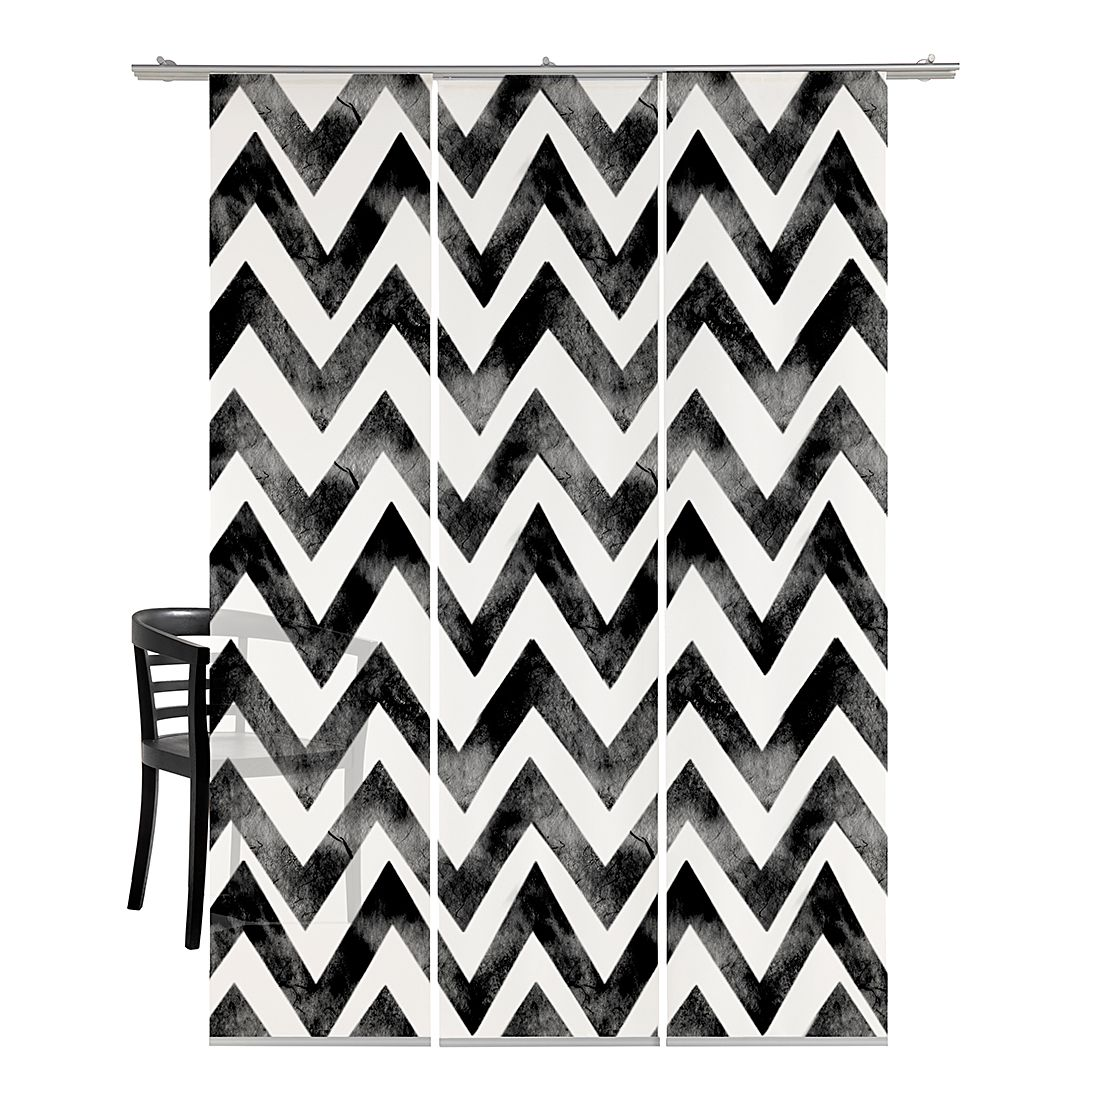 Flächenvorhang Zig-zag Batik – Schwarz, emotion textiles kaufen